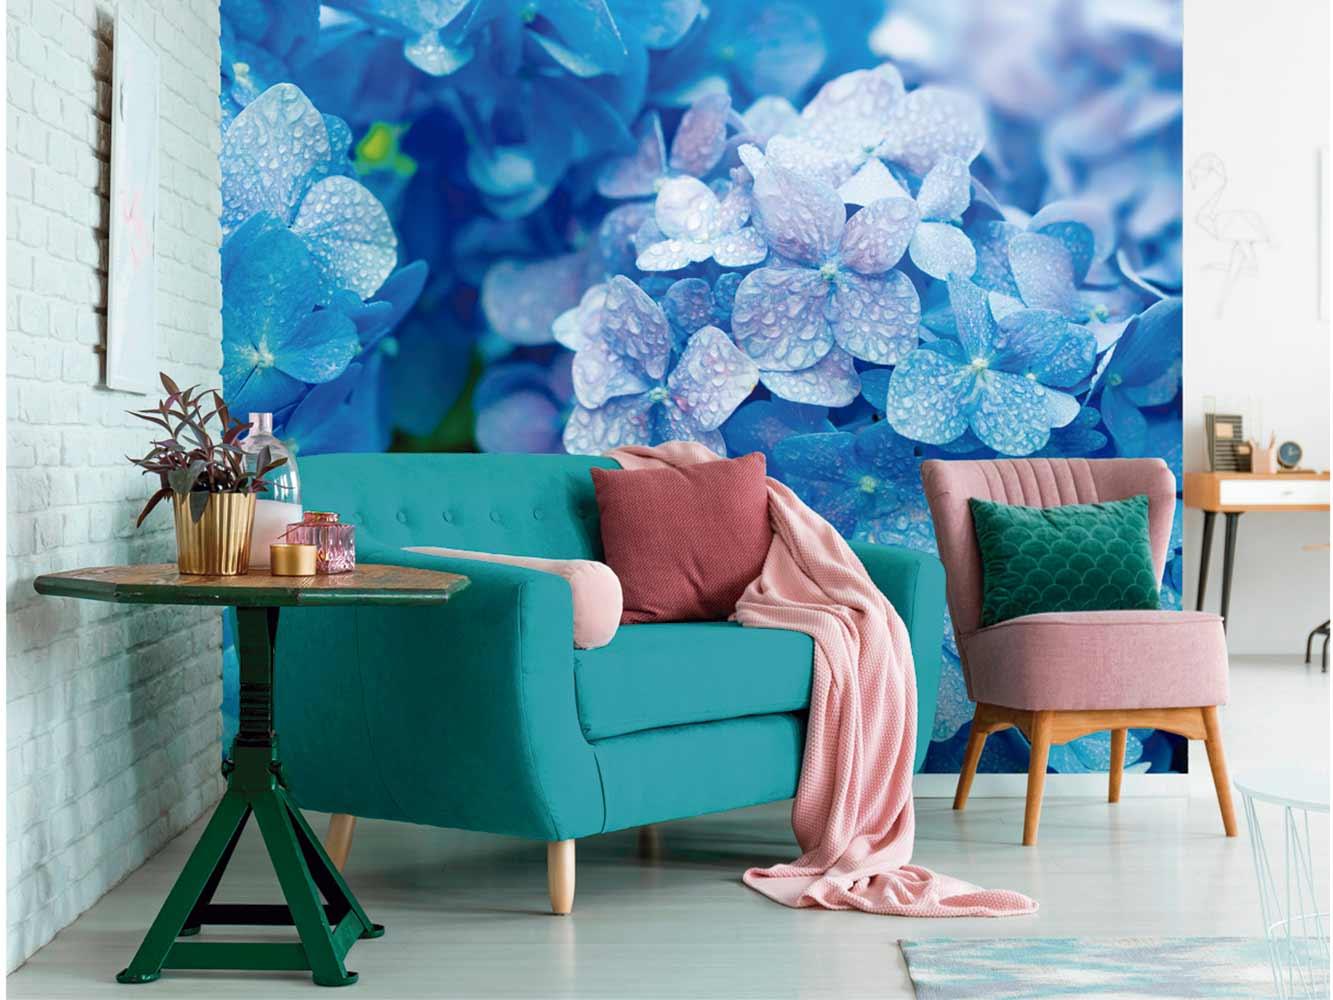 Fotomural Vinilo Hortensias Azules | Carteles XXL - Impresión carteleria publicitaria